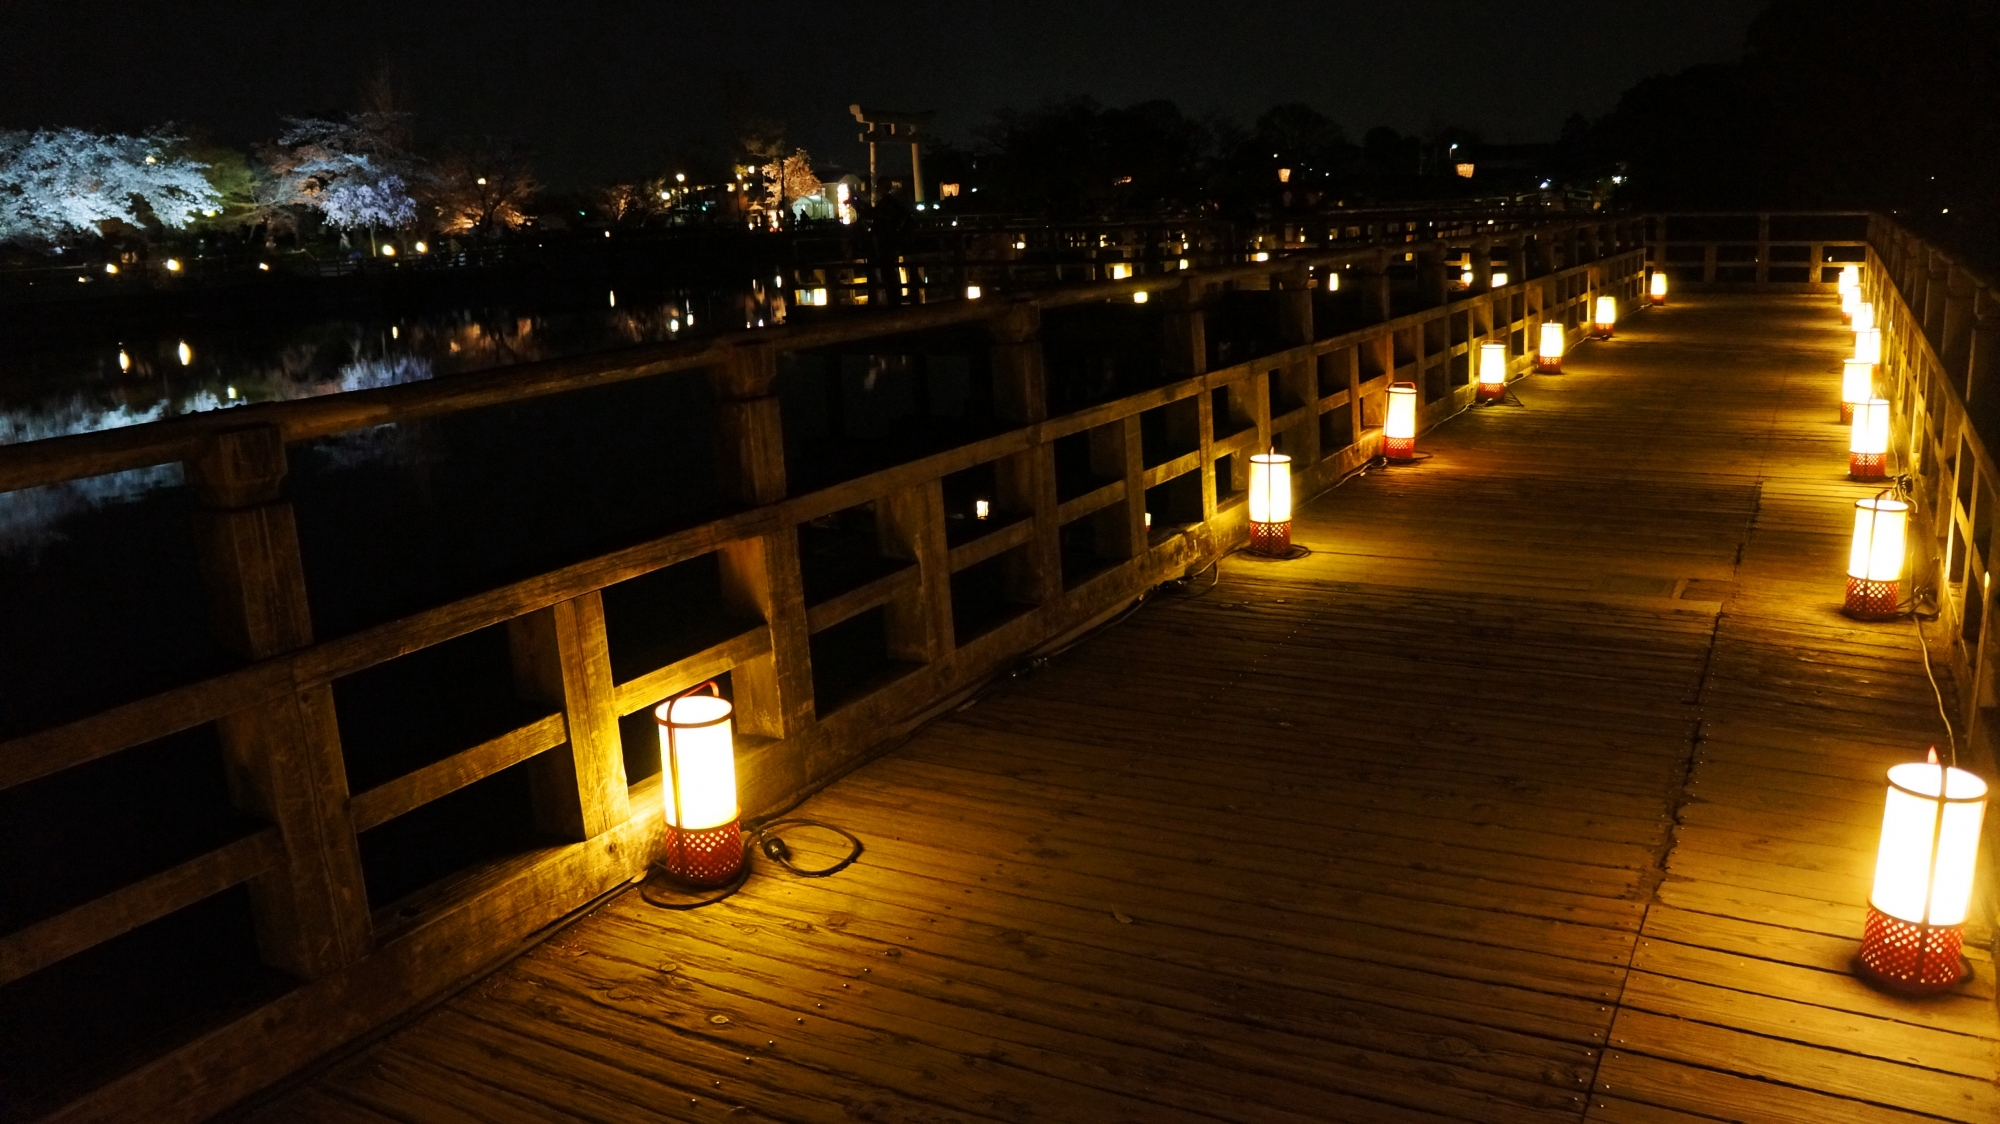 風情と華やかさのある夜桜ライトアップ